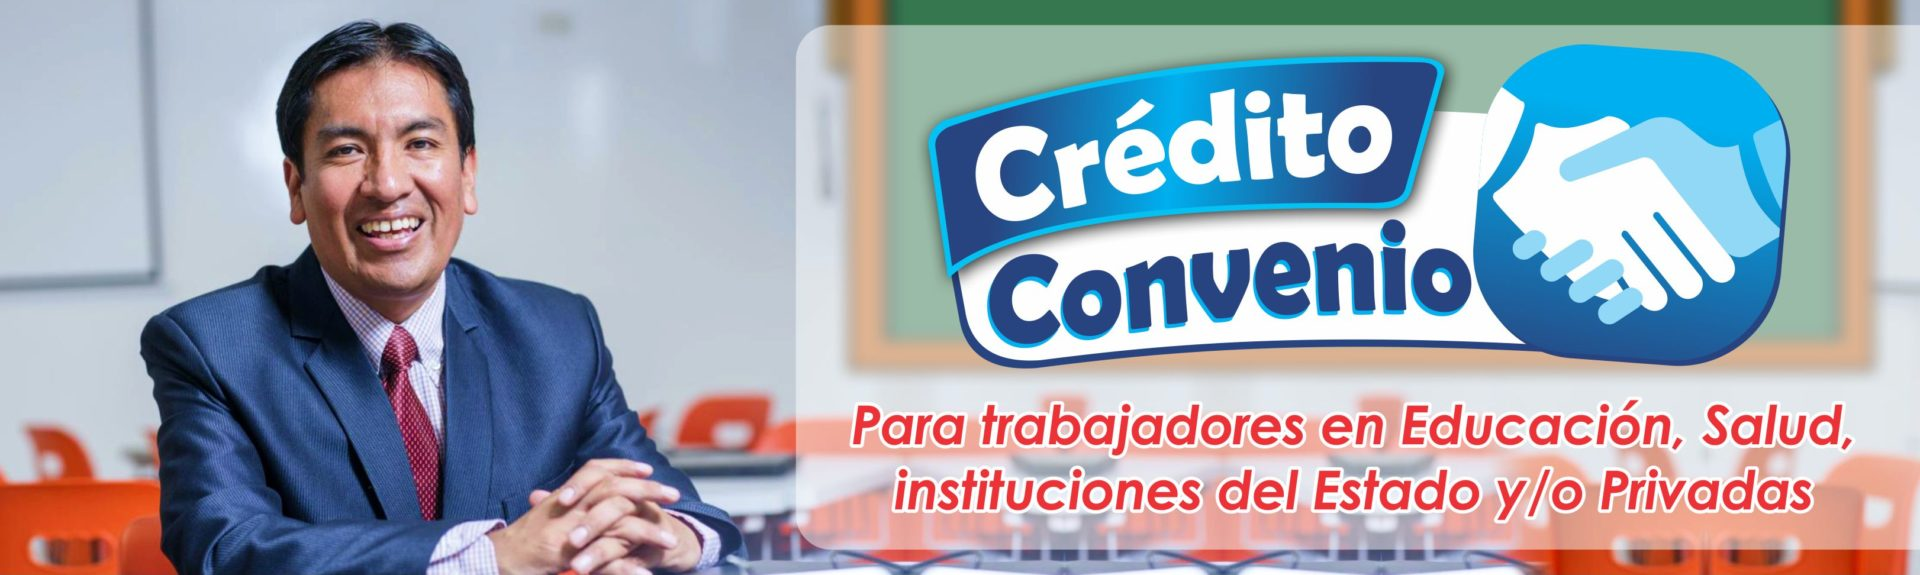 WEB CREDITO CONVENIO 2